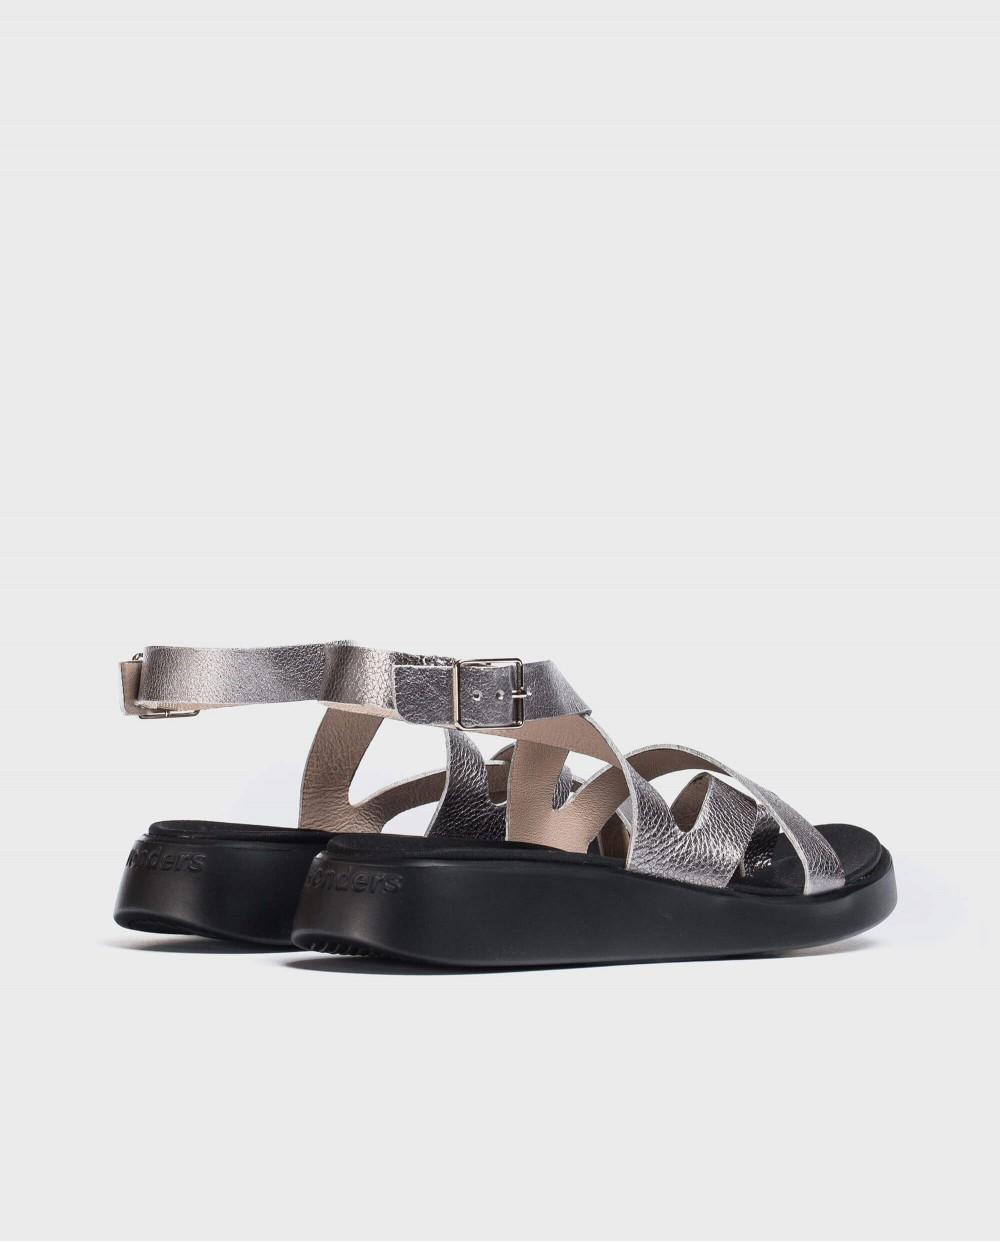 Wonders-Sandals-Metallic leather toe post sandal